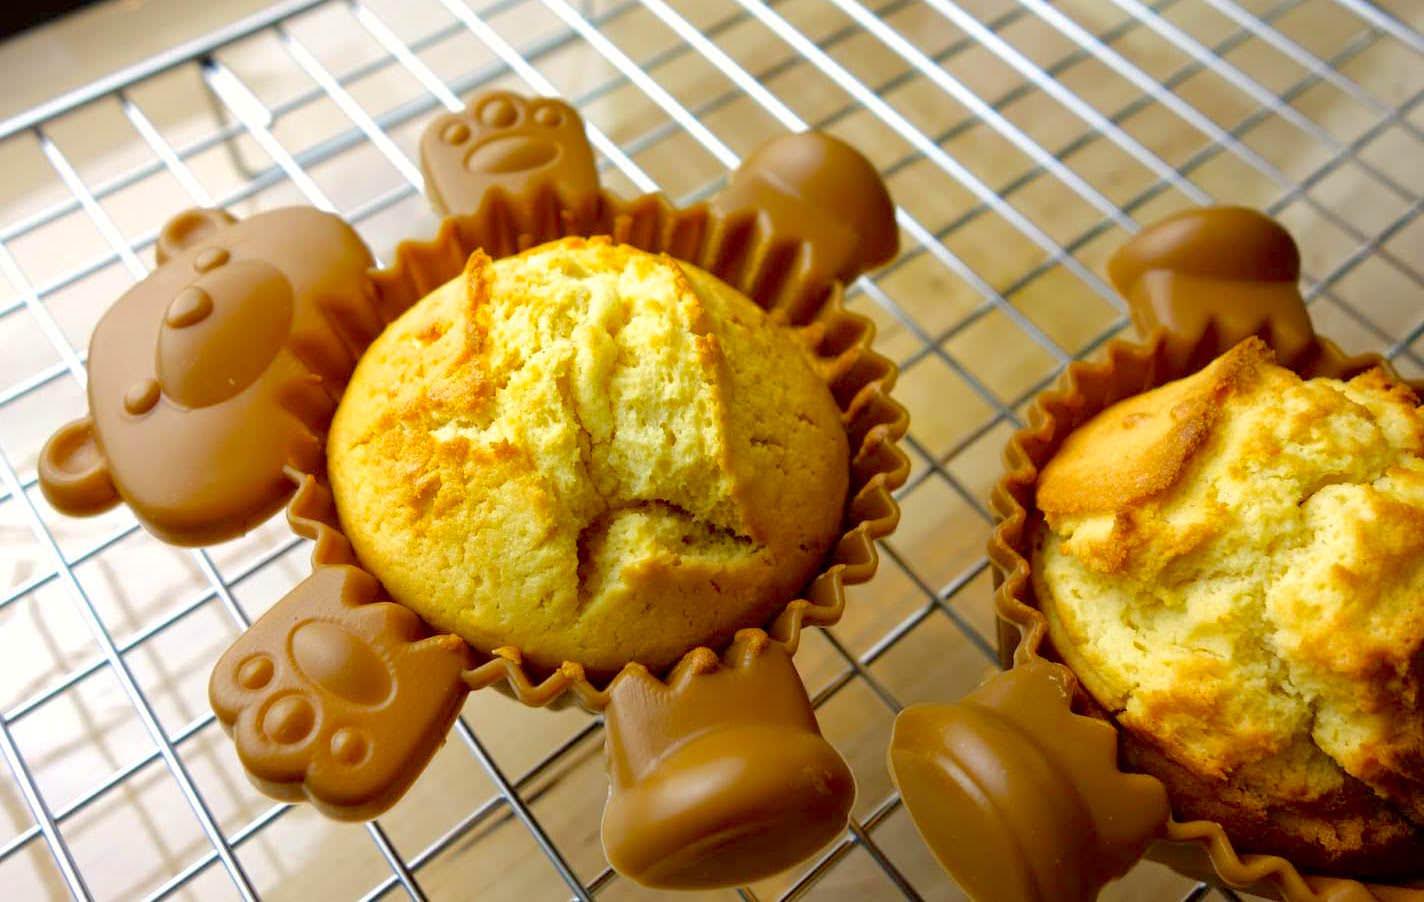 「馬芬杯子蛋糕的基礎烹飪法」5 分鐘新手教學,大人小孩都愛的蓬鬆甜點!